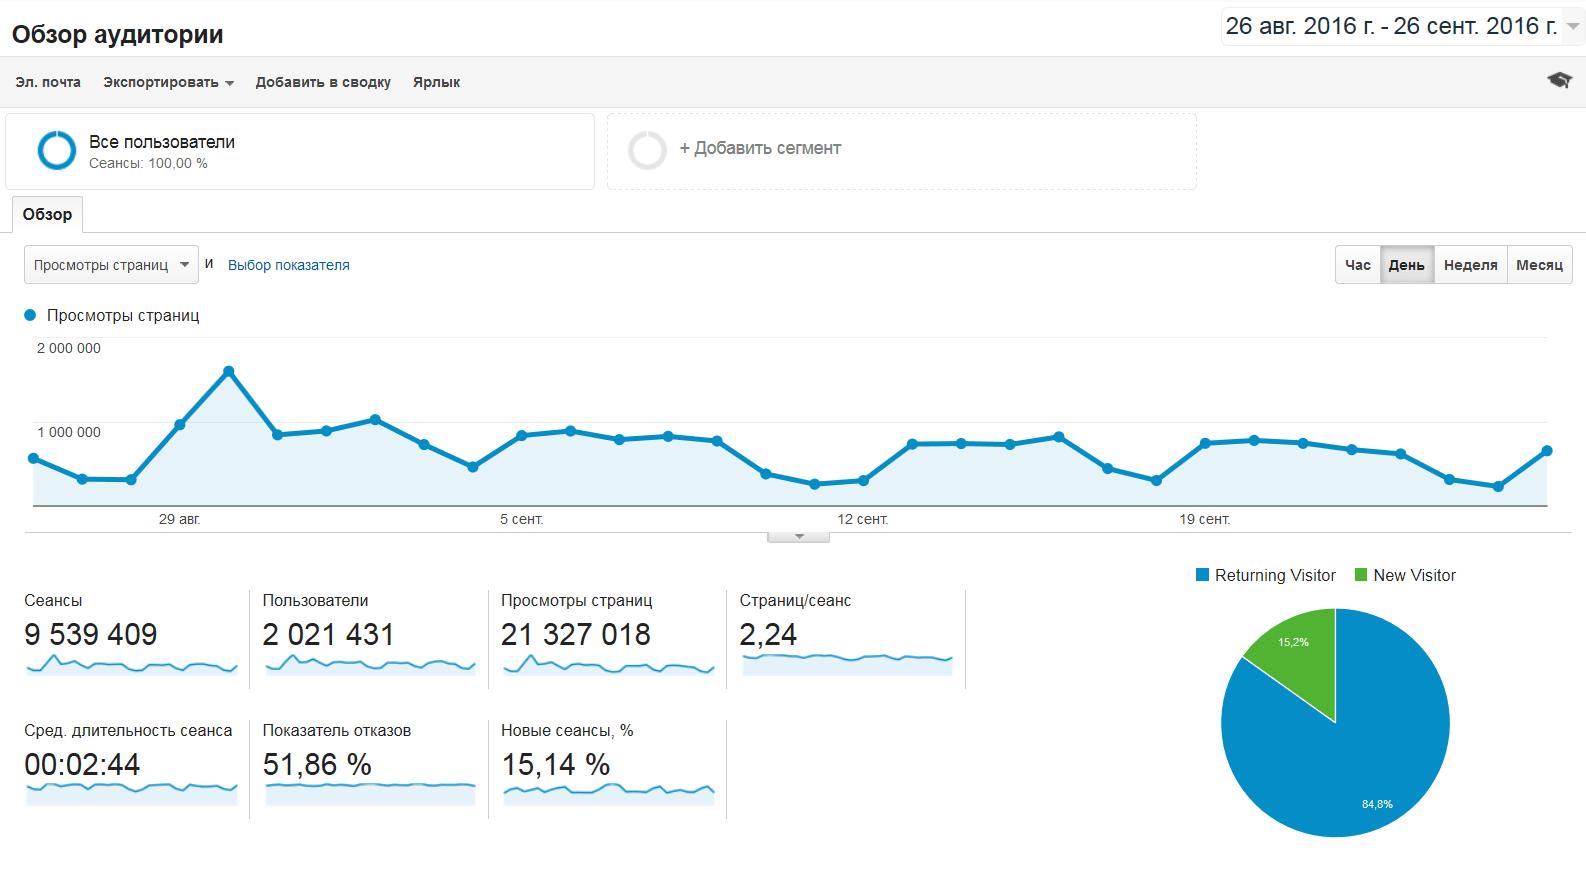 Аудитория АКИpress превысила 2 миллиона пользователей в месяц / Google Analytics